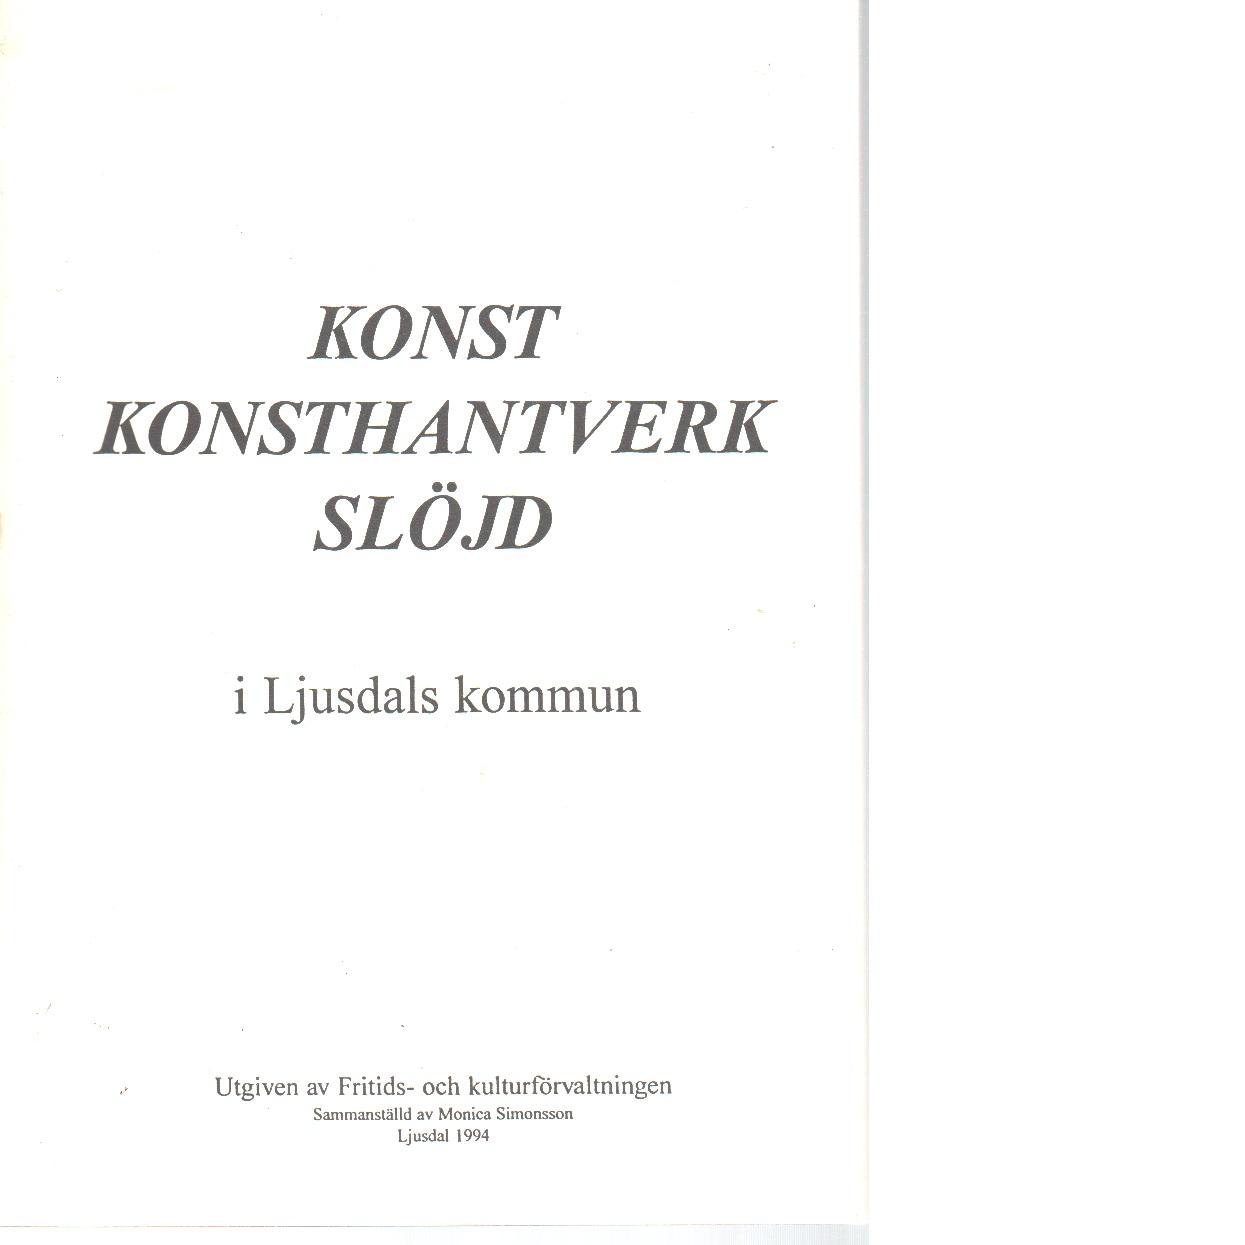 Konst, konsthantverk, slöjd i Ljusdals kommun - Red.